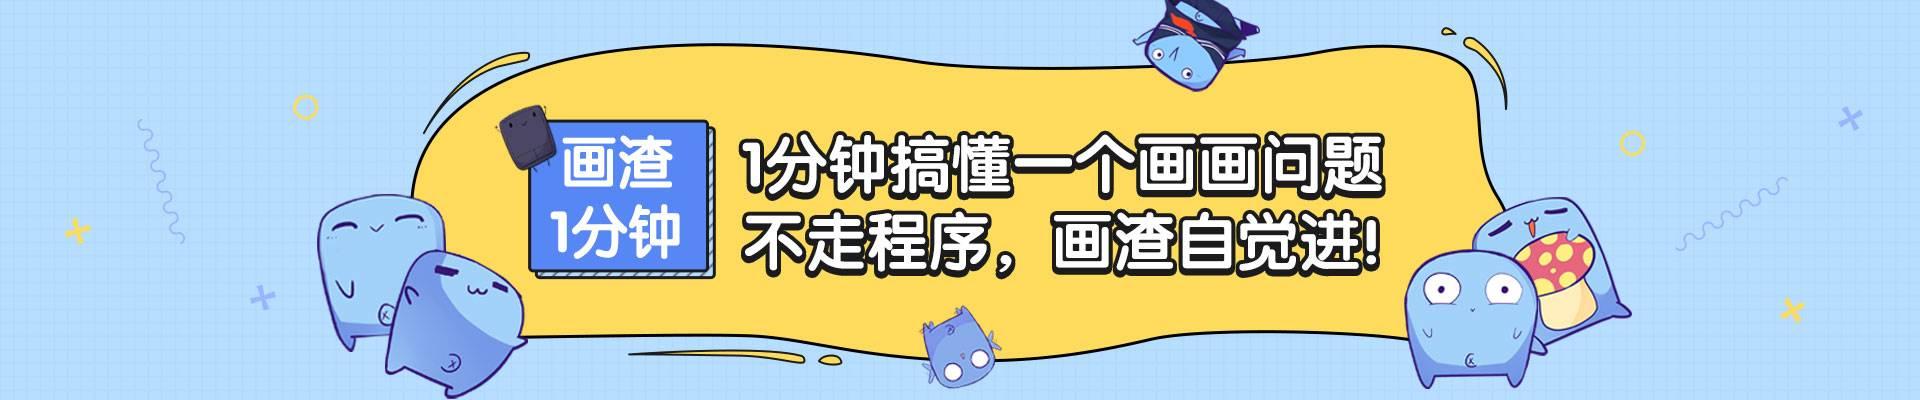 拯救超级小白计划:入板第一步拿笔及基础快捷键【画渣一分钟】-蓝铅笔